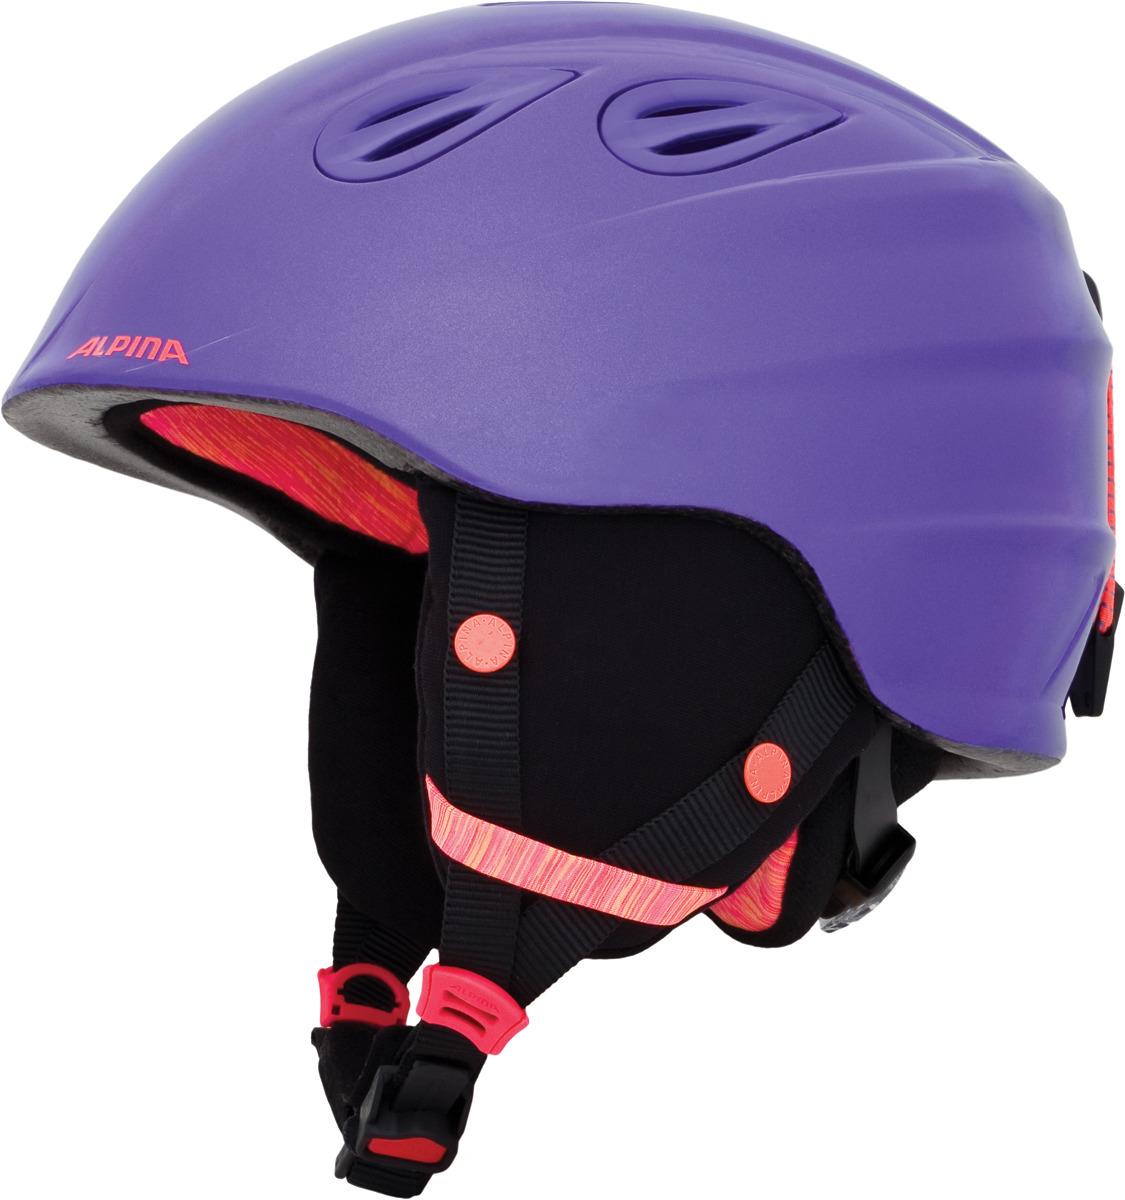 Шлем горнолыжный зимний Alpina Grap 2.0 JR, цвет: фиолетовый. Размер 51-54 см